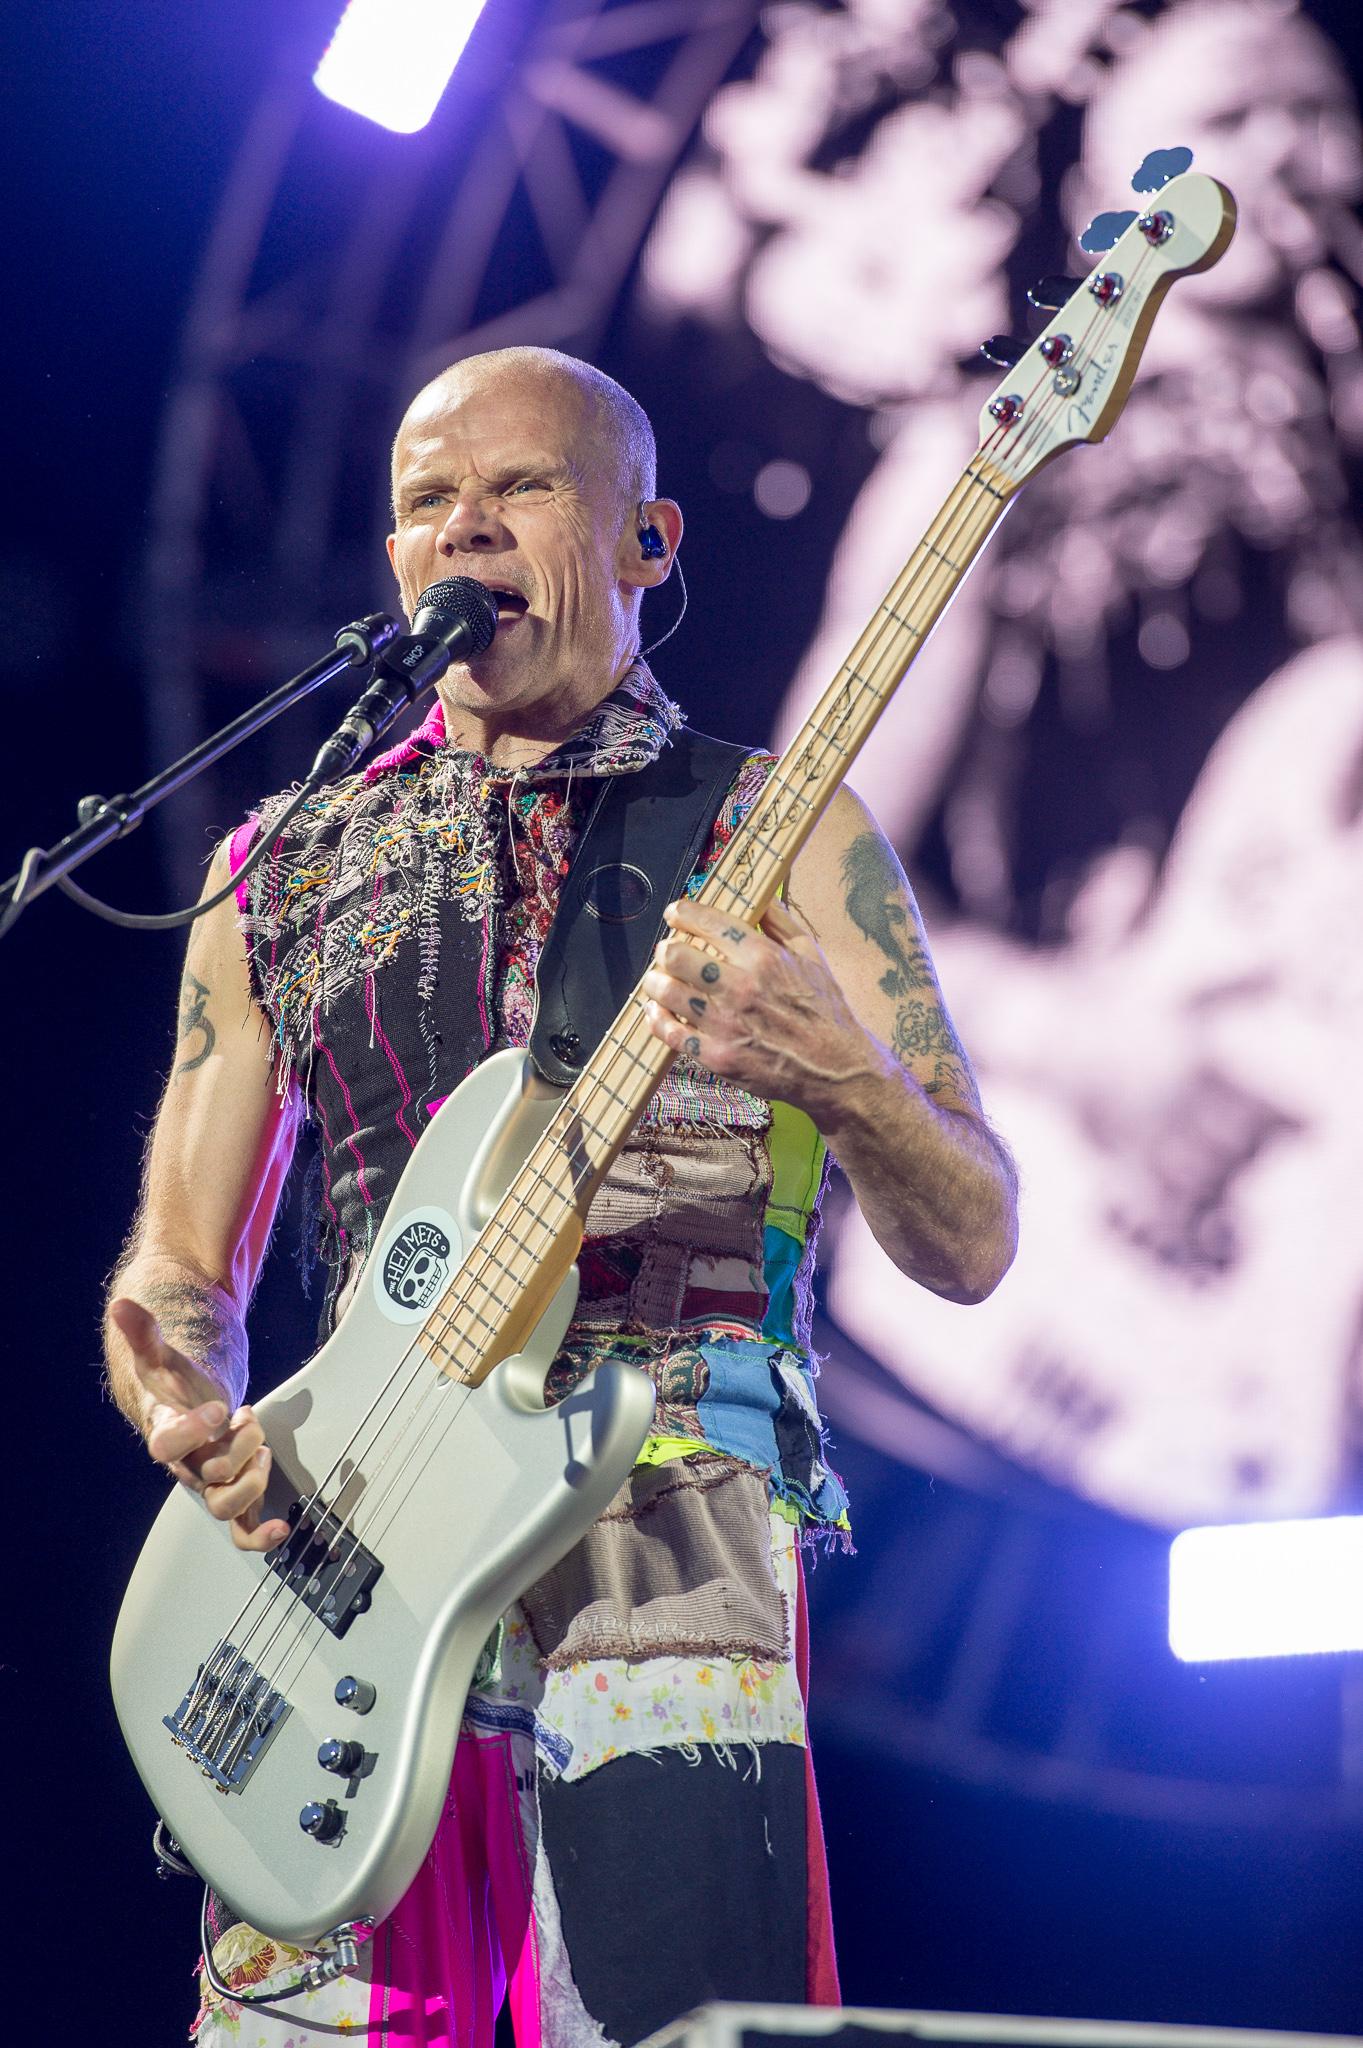 Michael Balzary